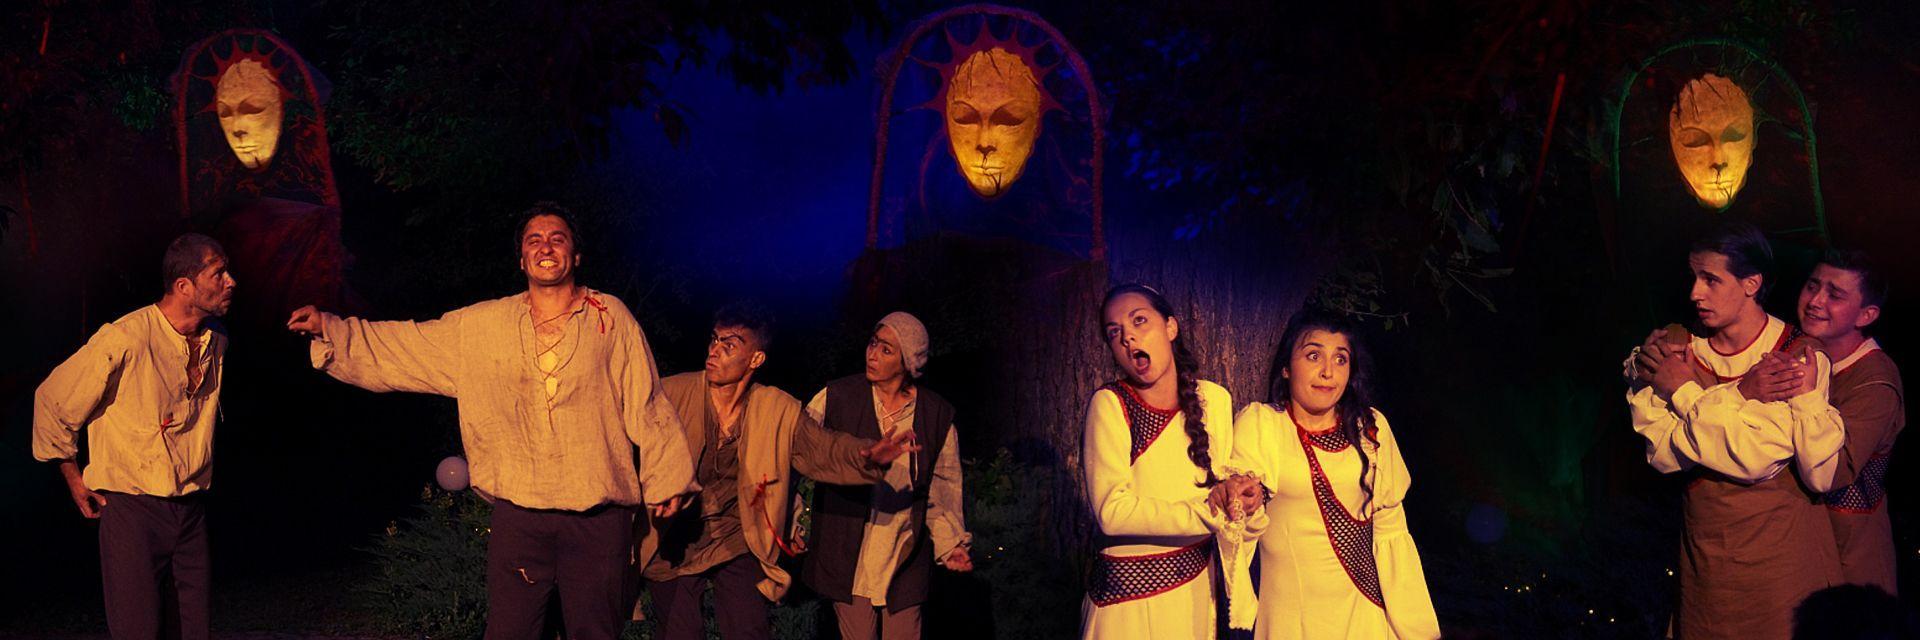 Тайнството на Шекспир в един двор, под едно дърво и много звезди